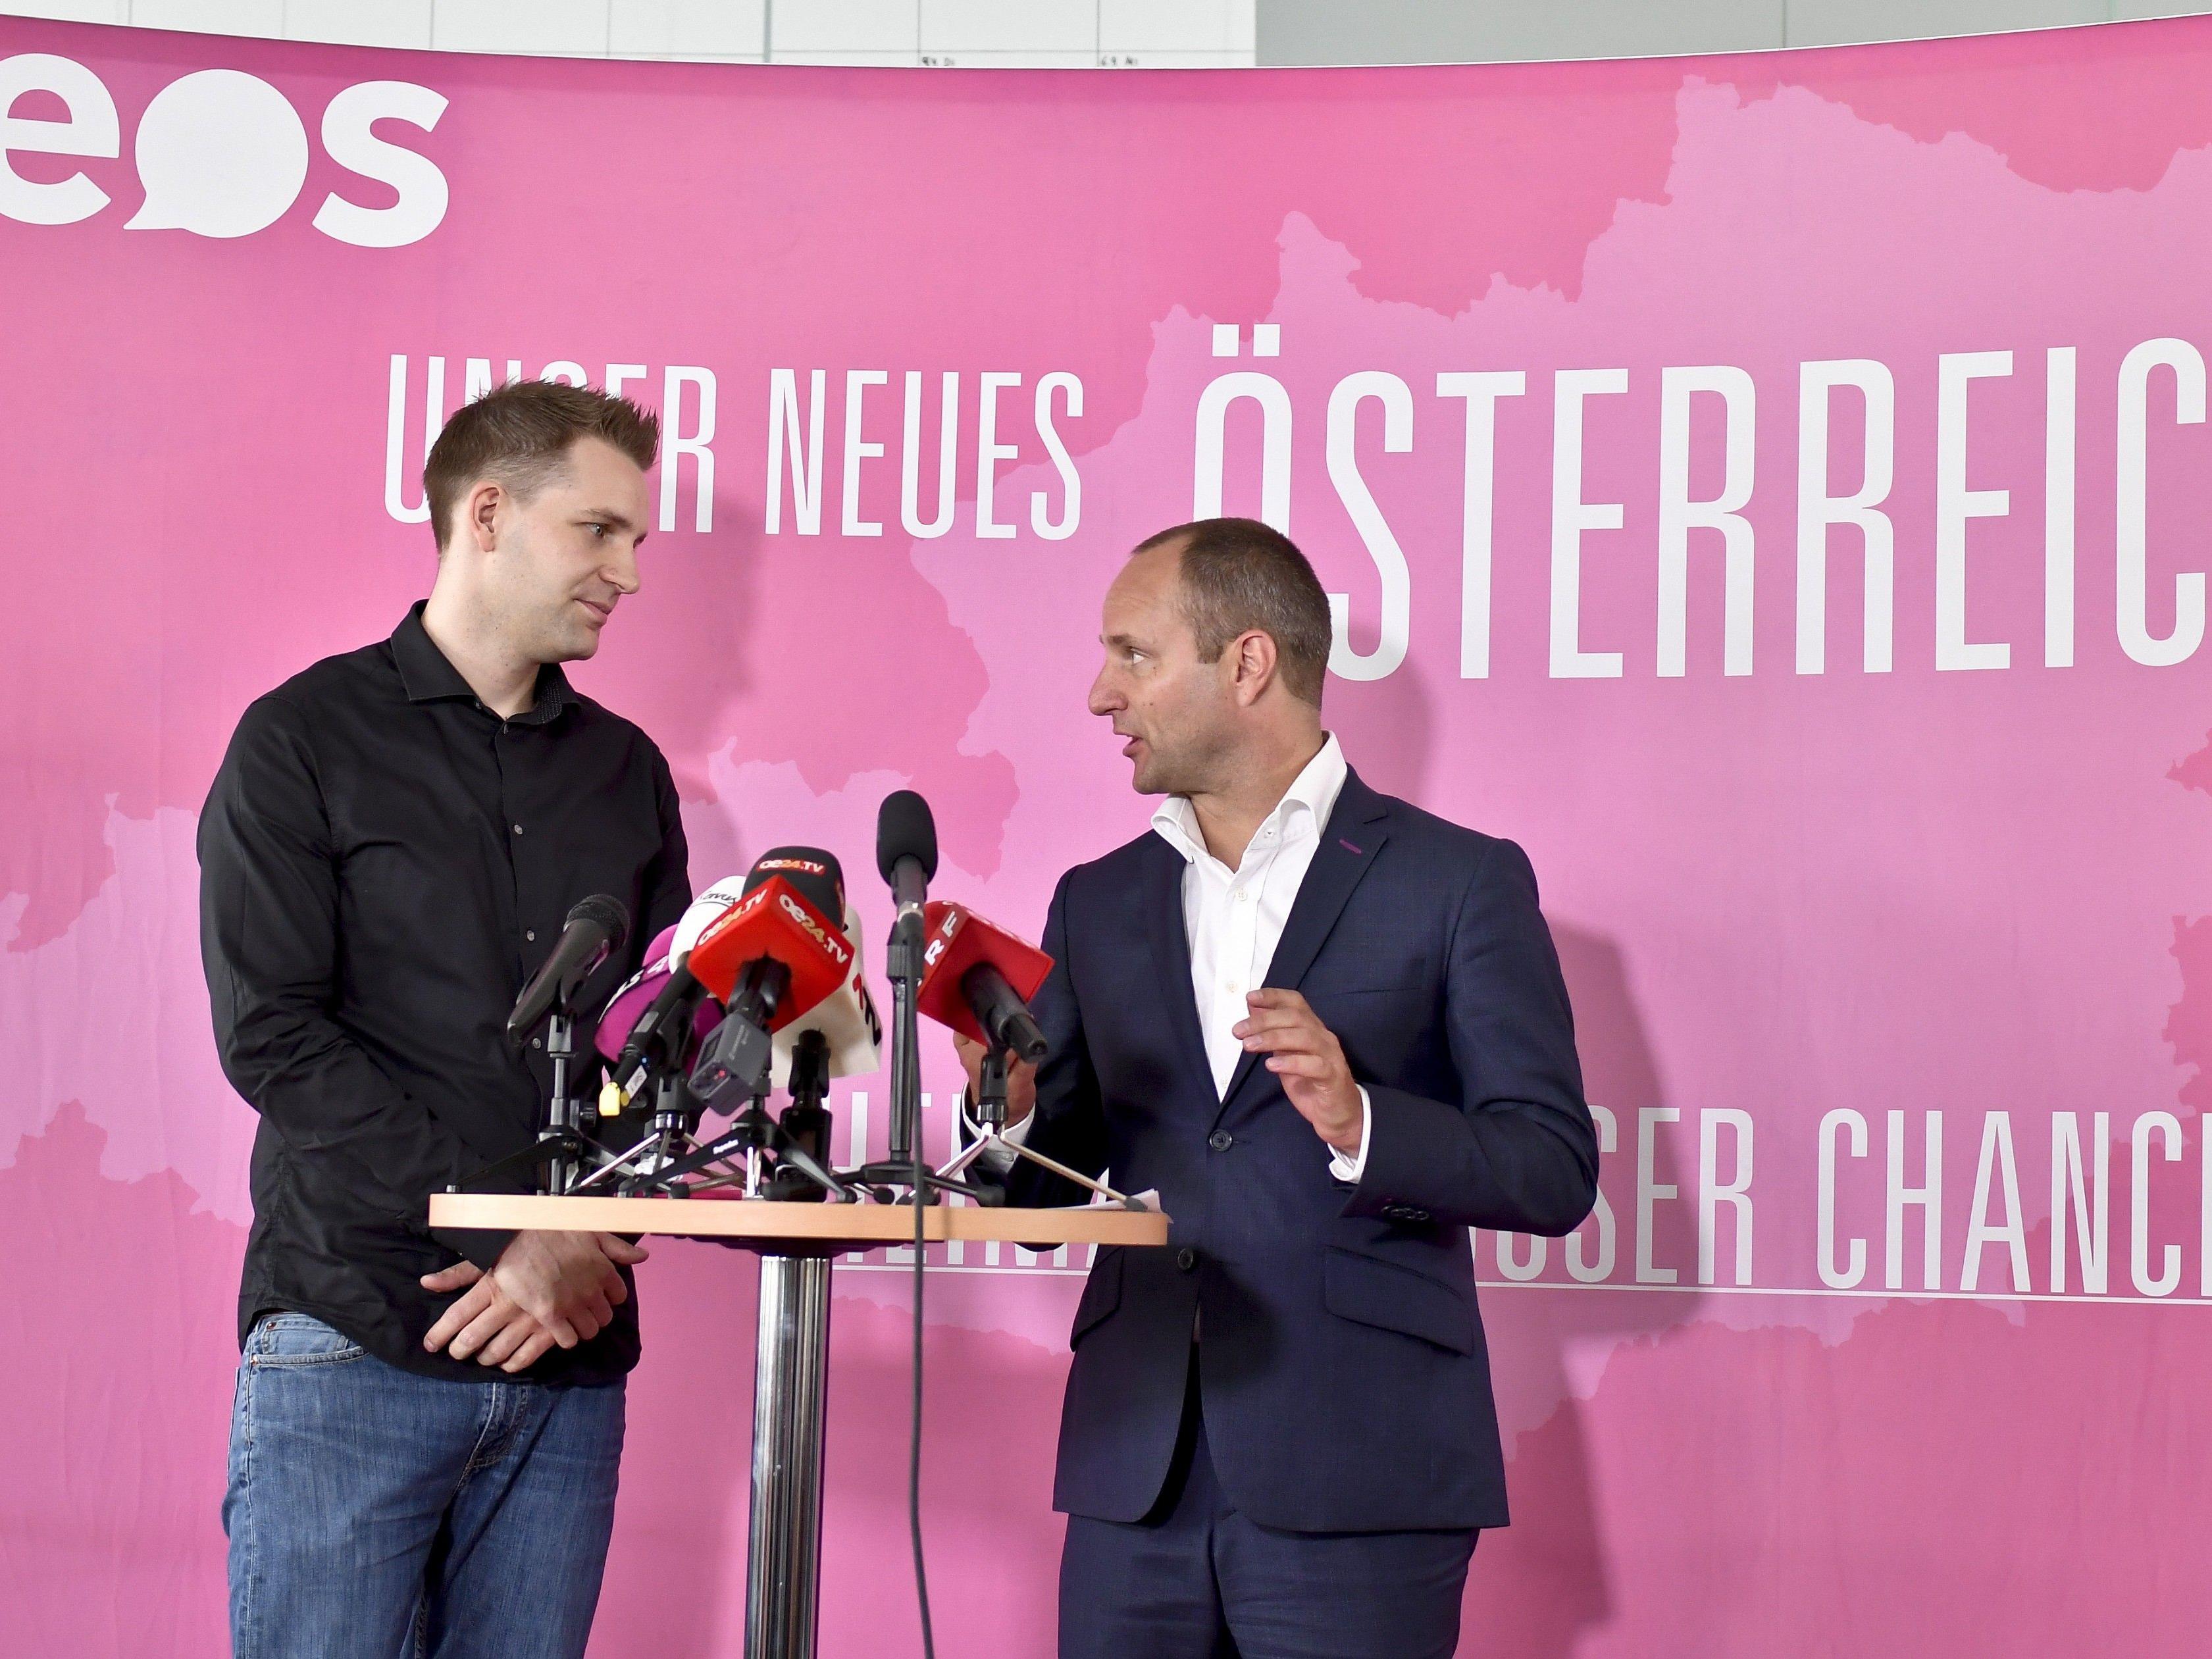 Bei der Pressekonferenz mit NEOS-Chef Strolz und Max Schrems.